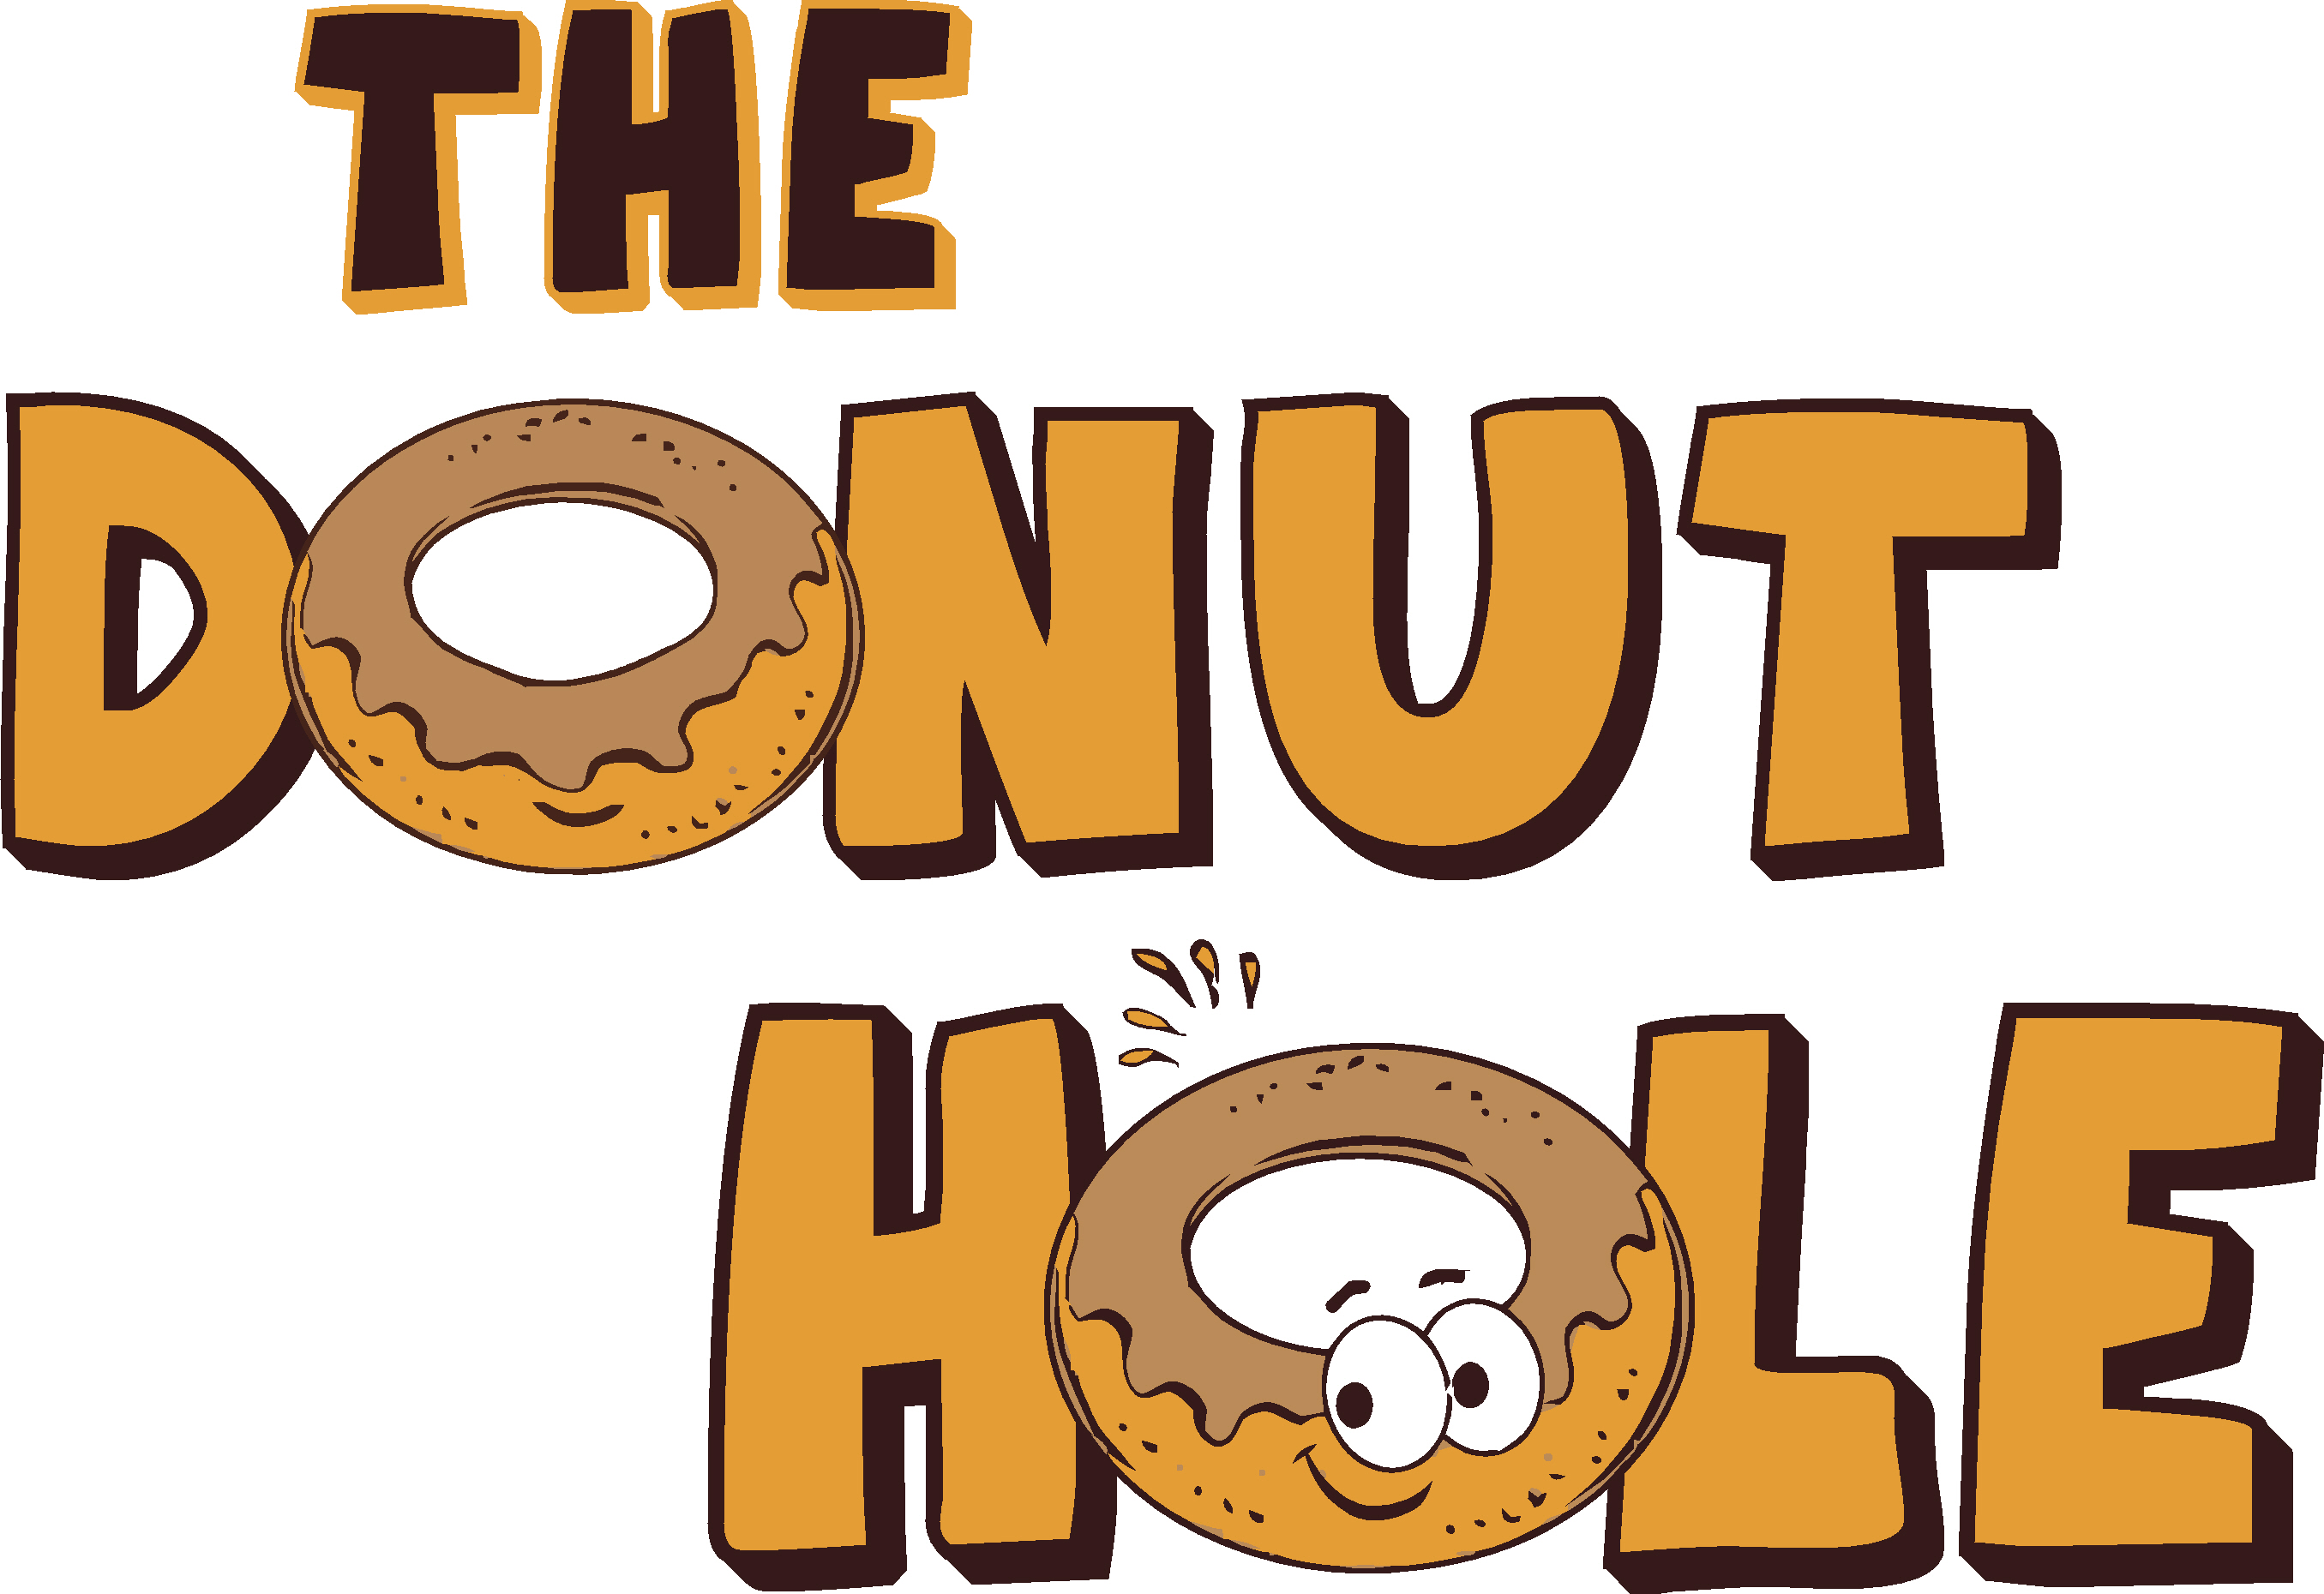 donut hole logo.JPG